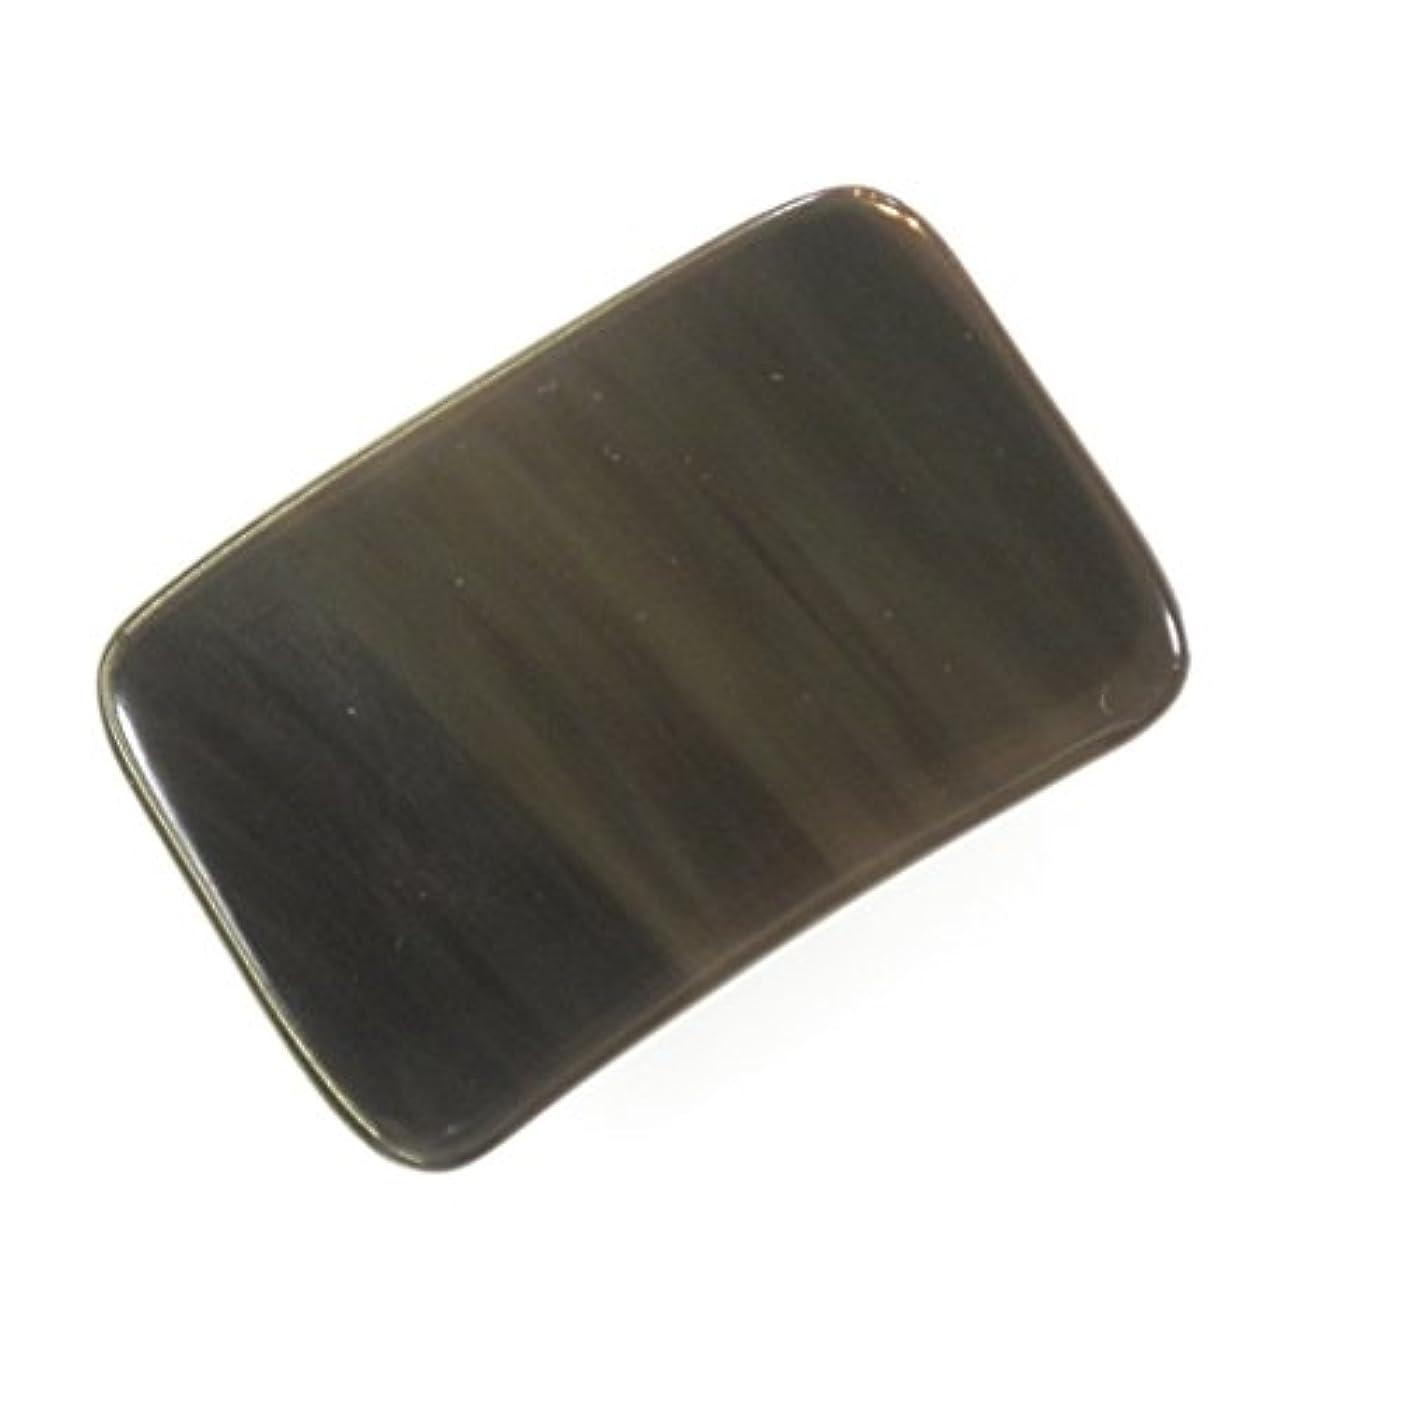 ヘア記憶に残るフリースかっさ プレート 厚さが選べる 水牛の角(黒水牛角) EHE214 長方形小 一般品 少し厚め(7ミリ程度)